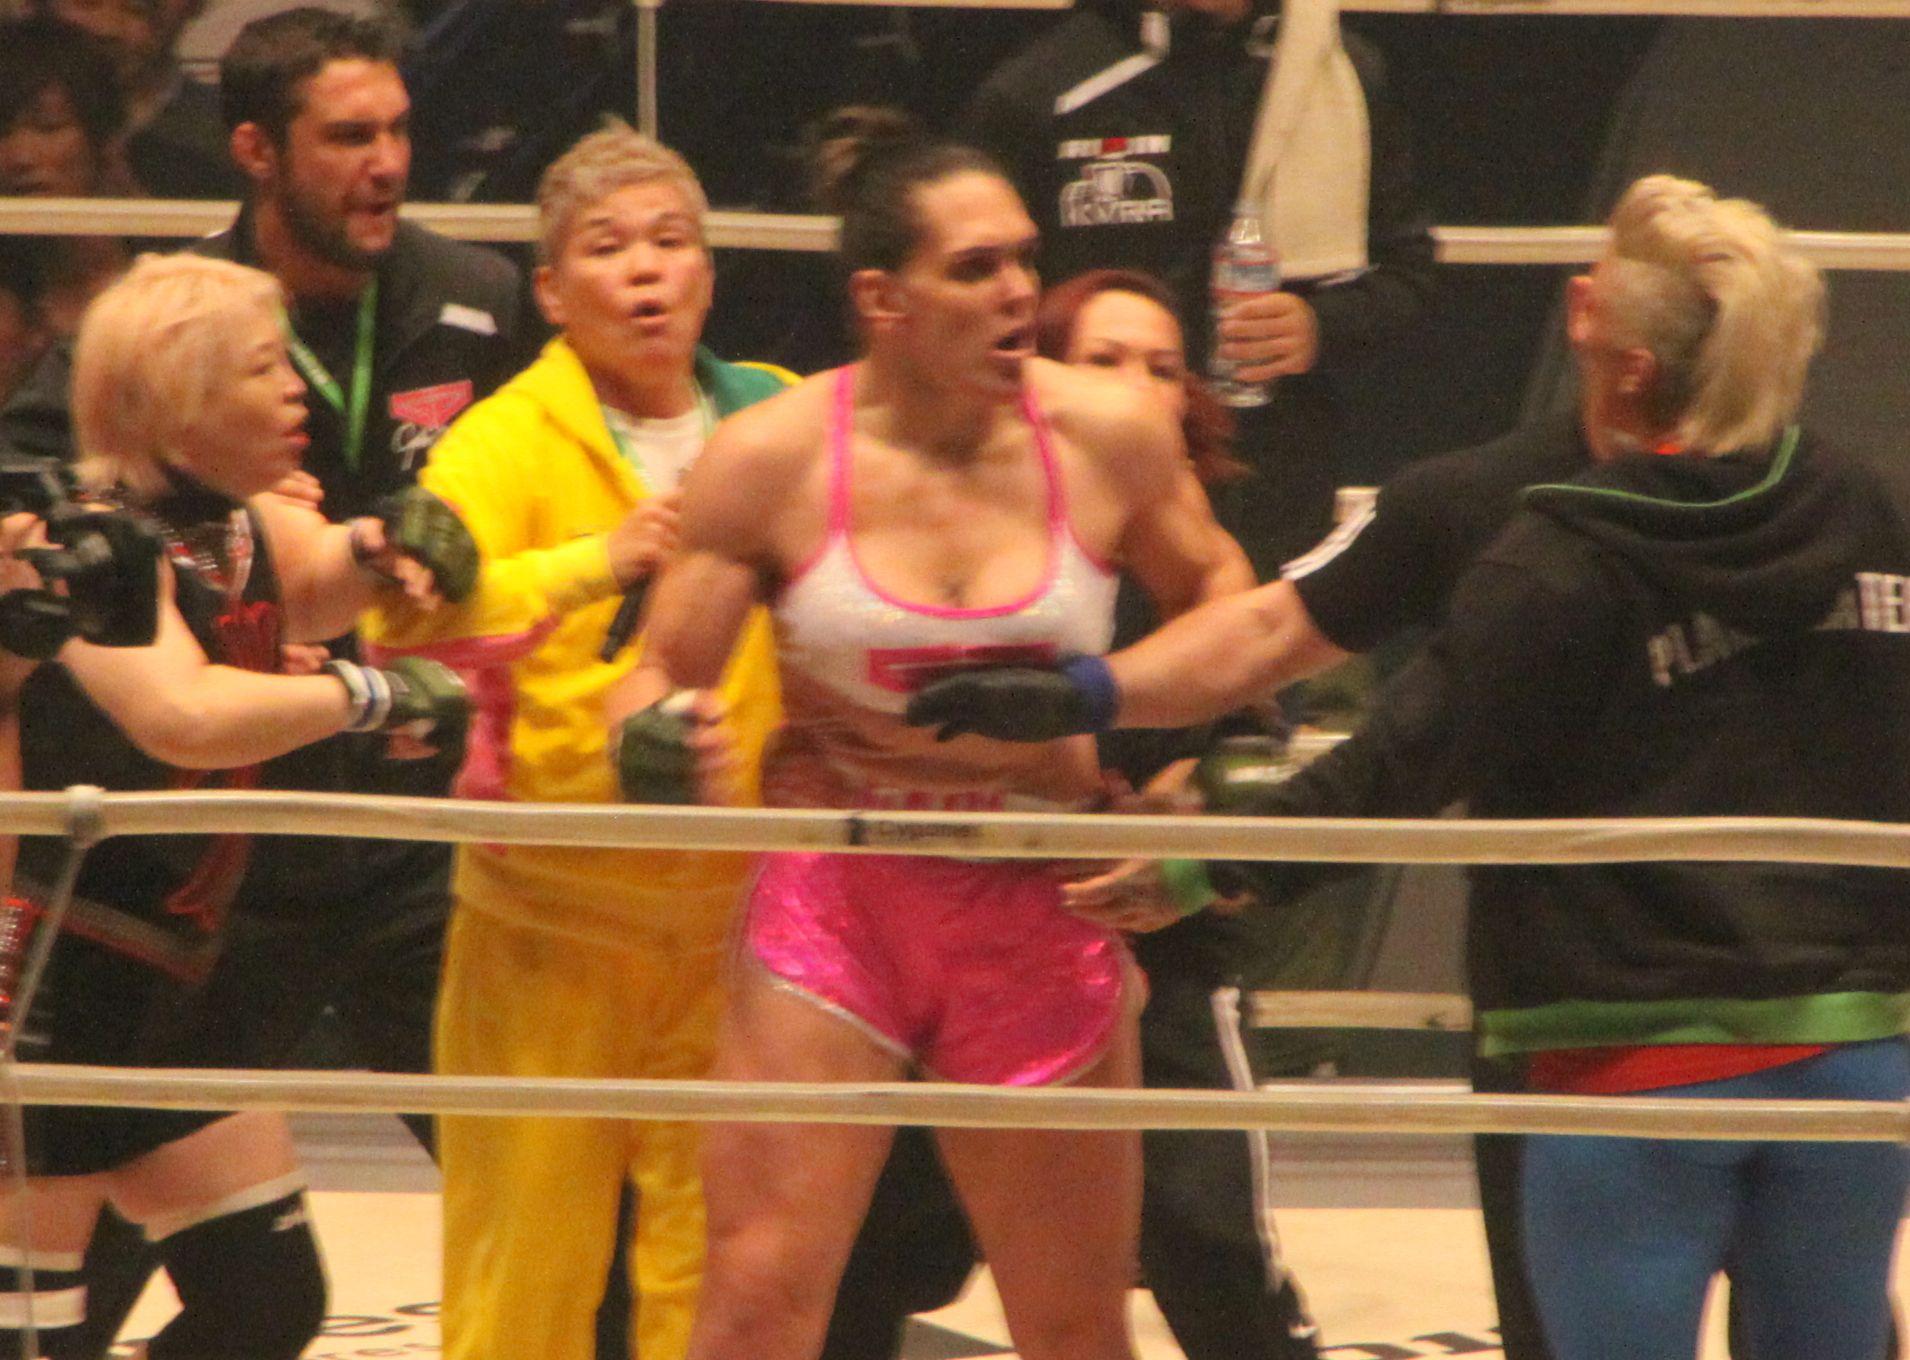 堀田祐美子がKOされた後に大乱闘が。神取忍と外人レスラーがギャビに対戦要求!!